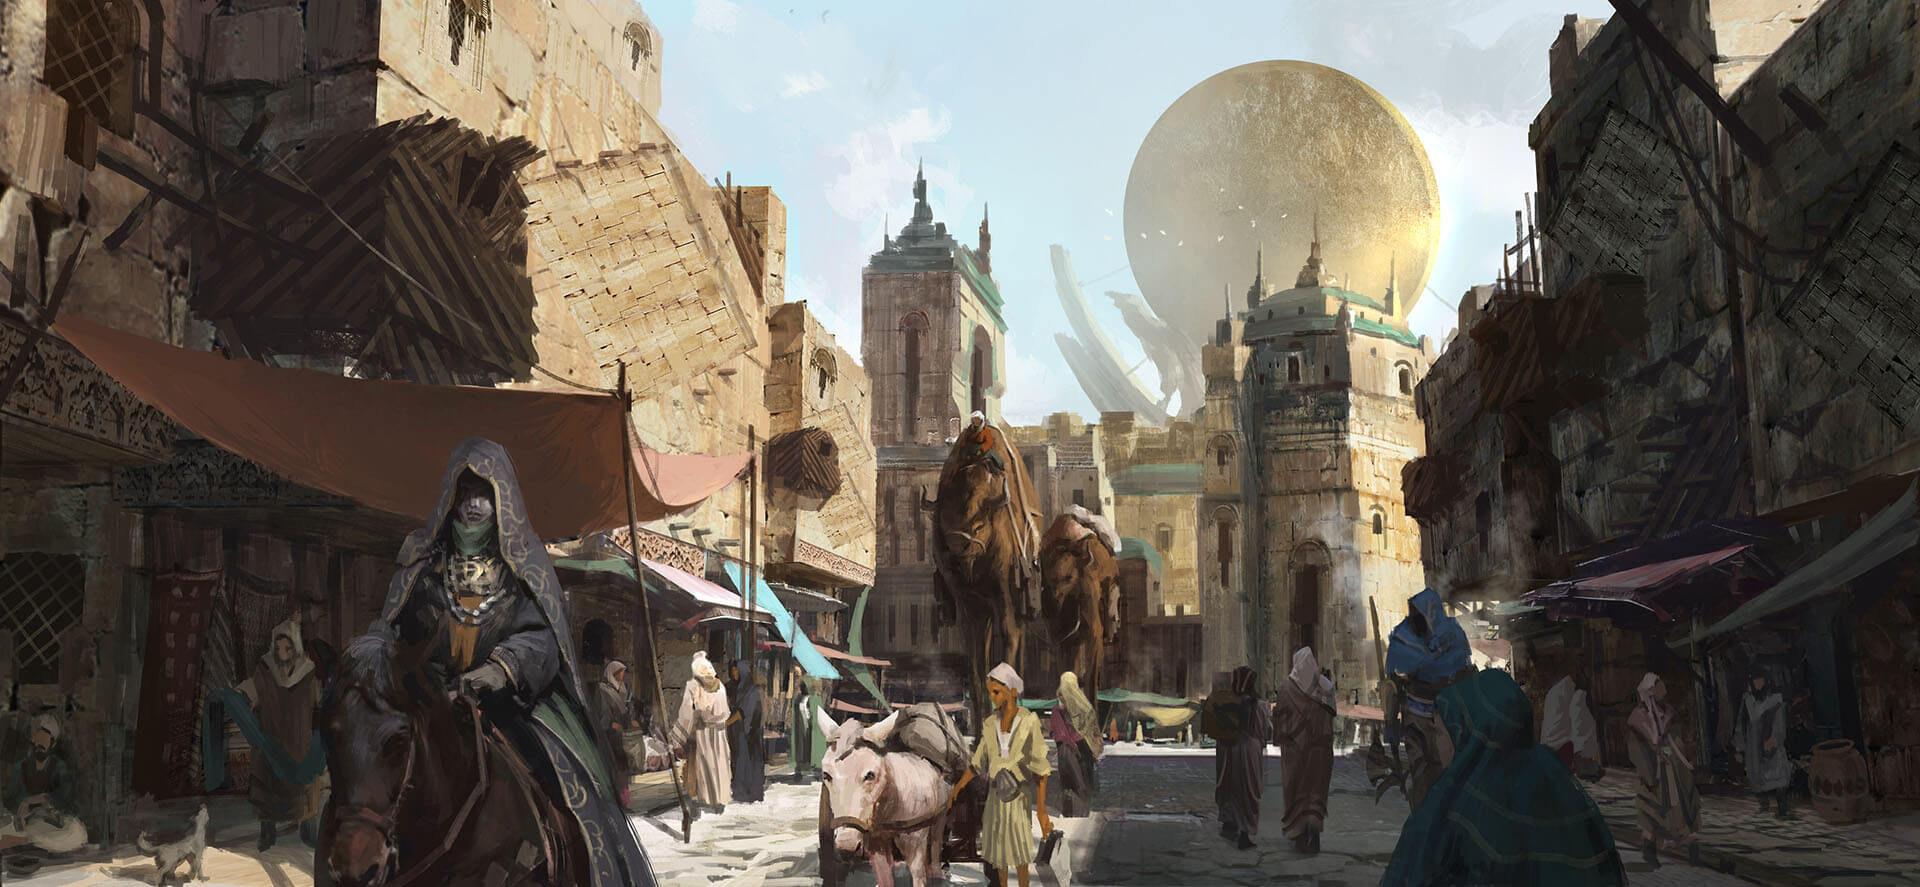 Shurima Markt der Erleuchtung.jpg